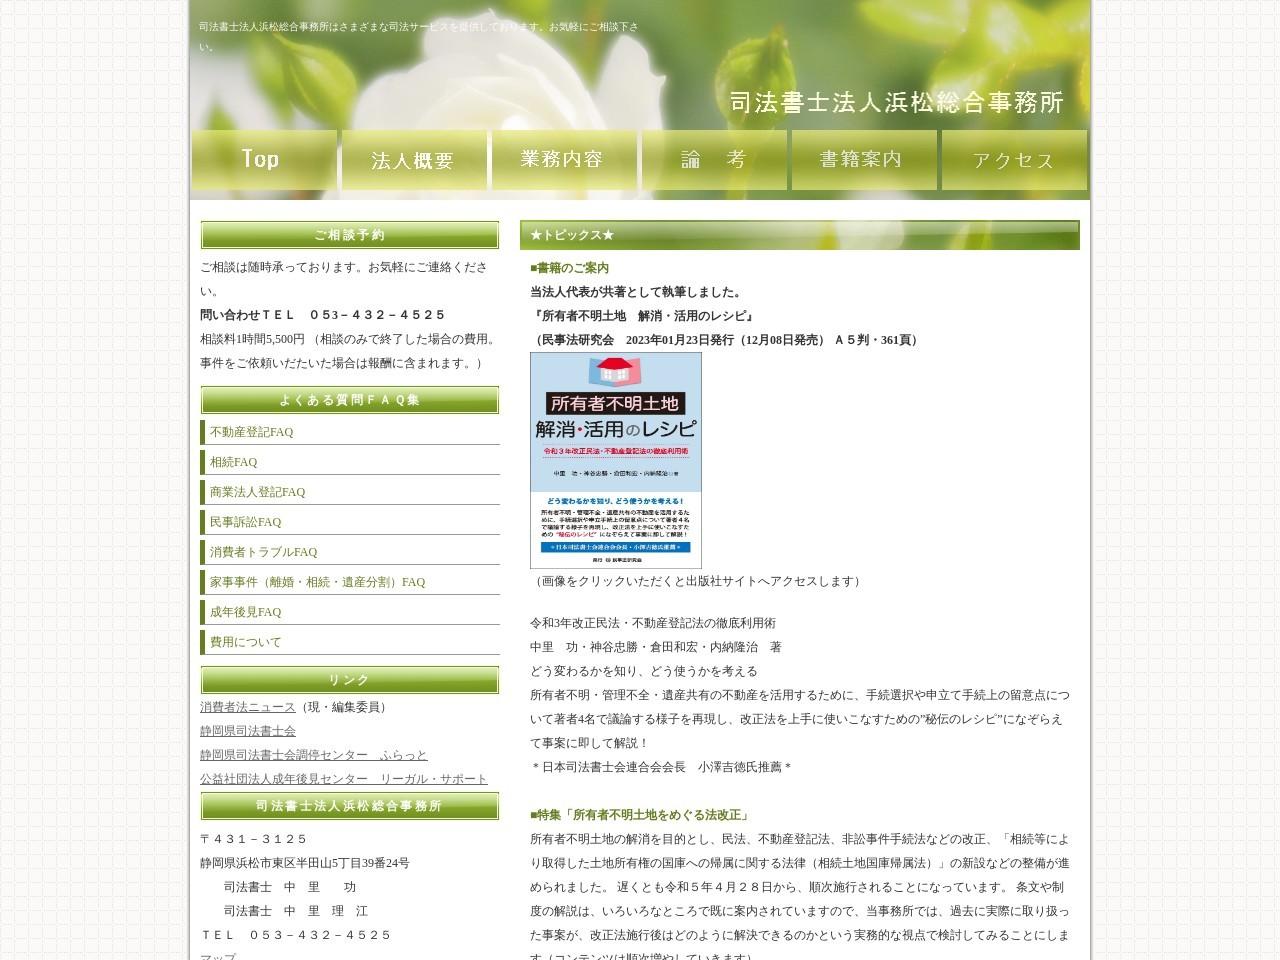 浜松総合事務所(司法書士法人)